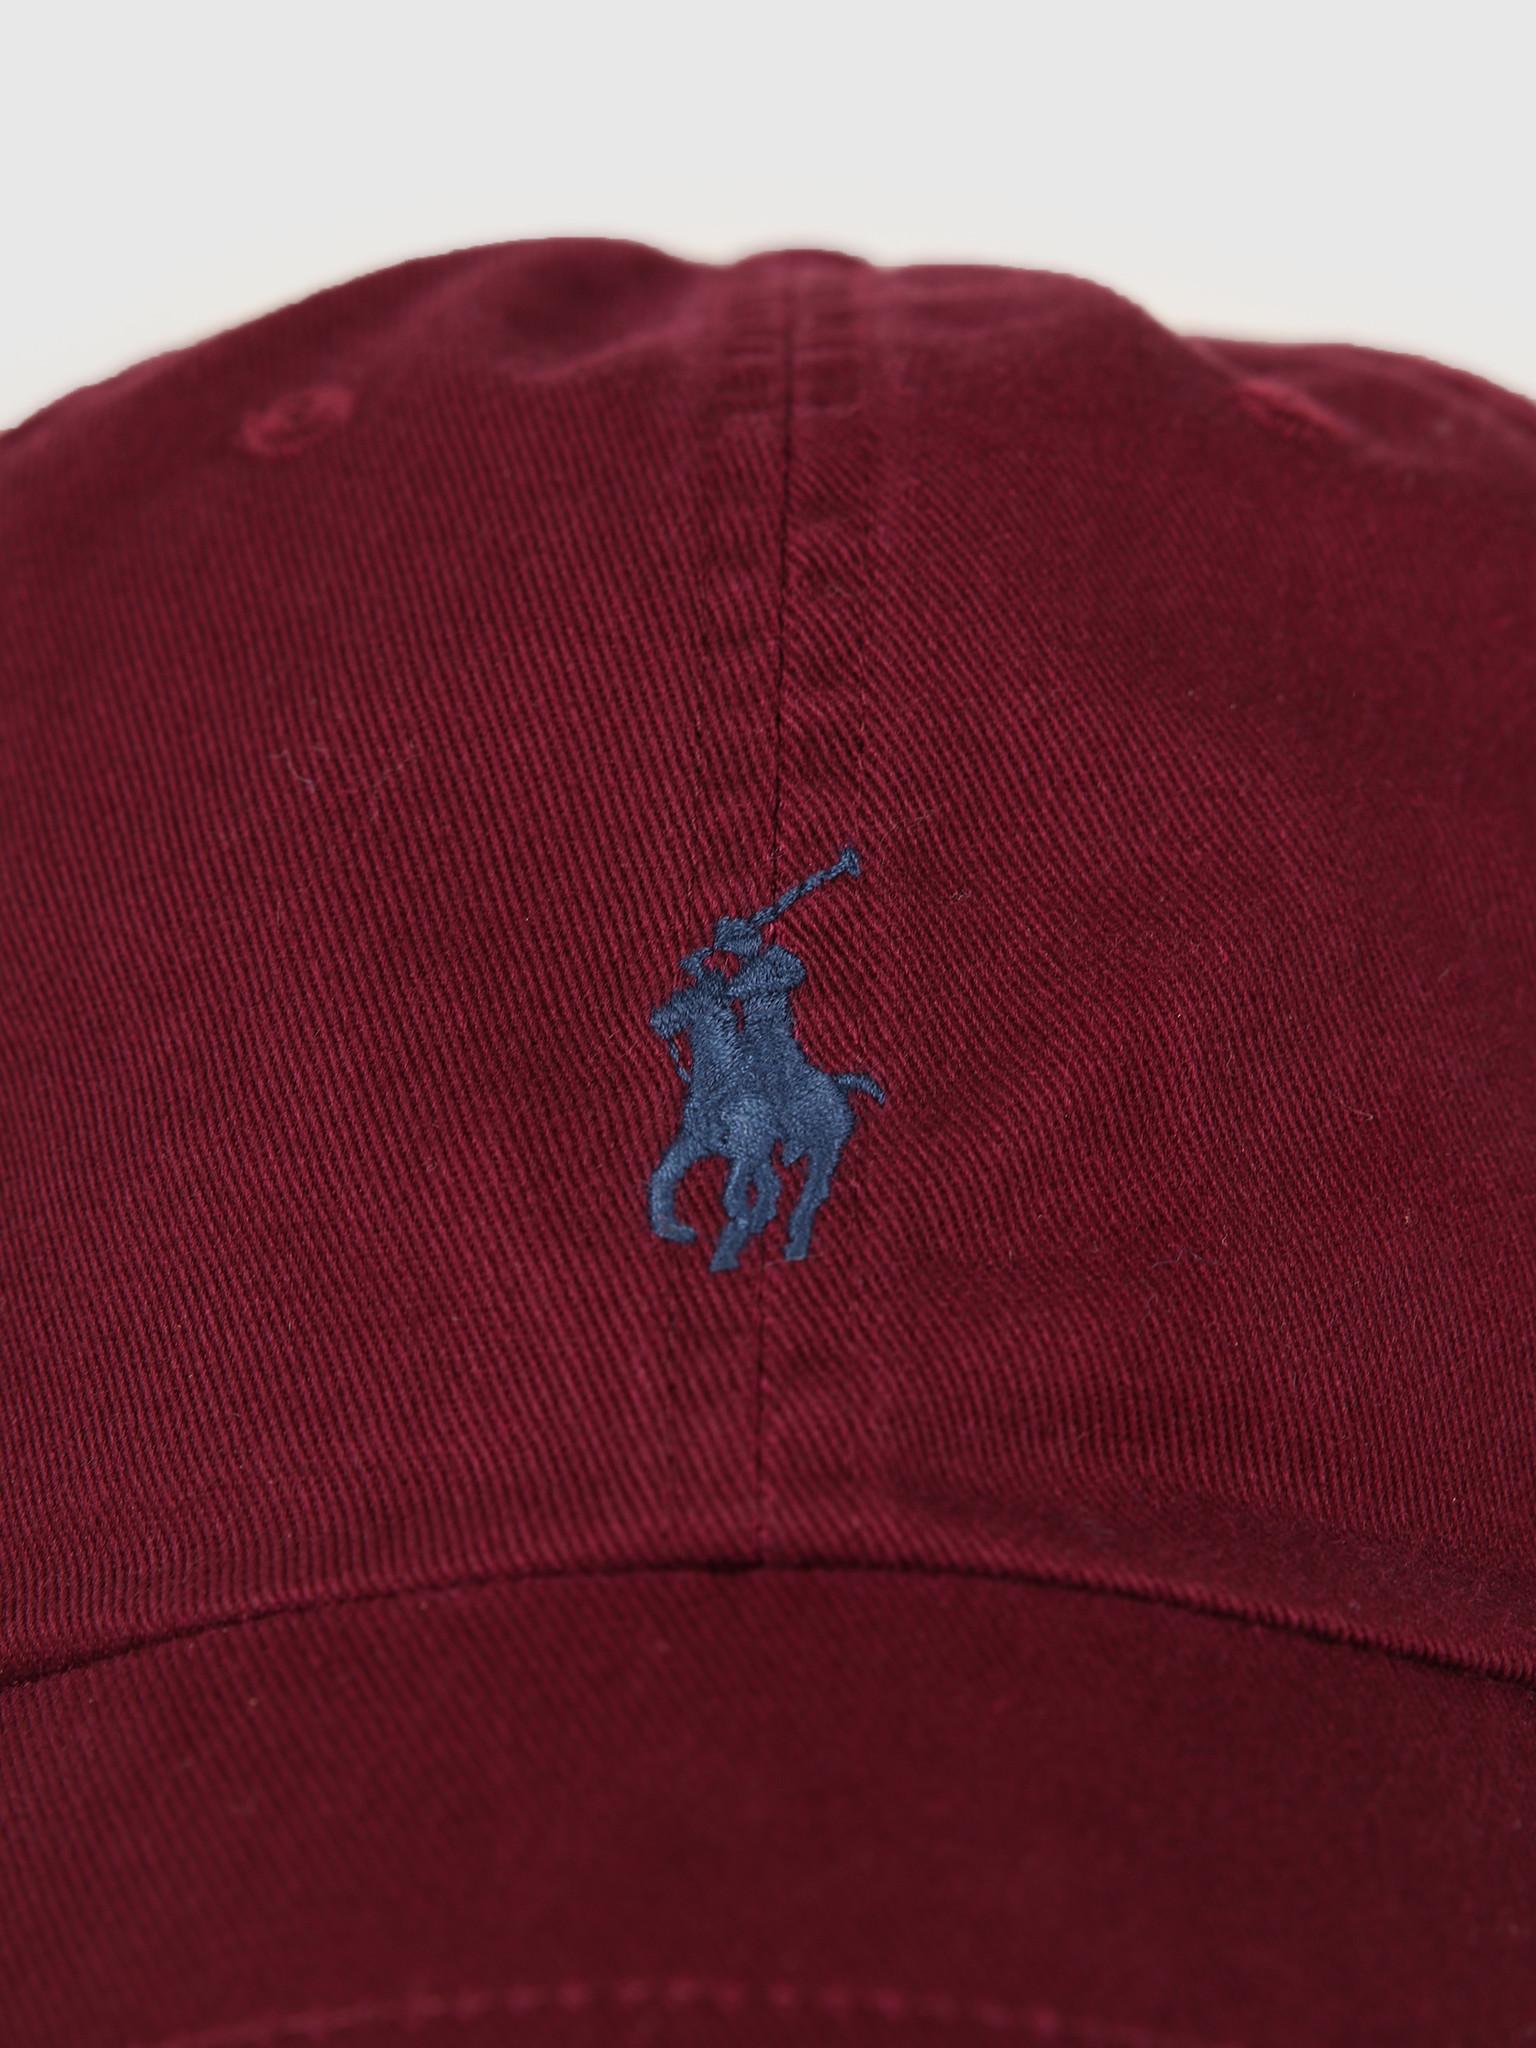 Polo Ralph Lauren Ralph Lauren Classic Sport Cap Red 710667709032